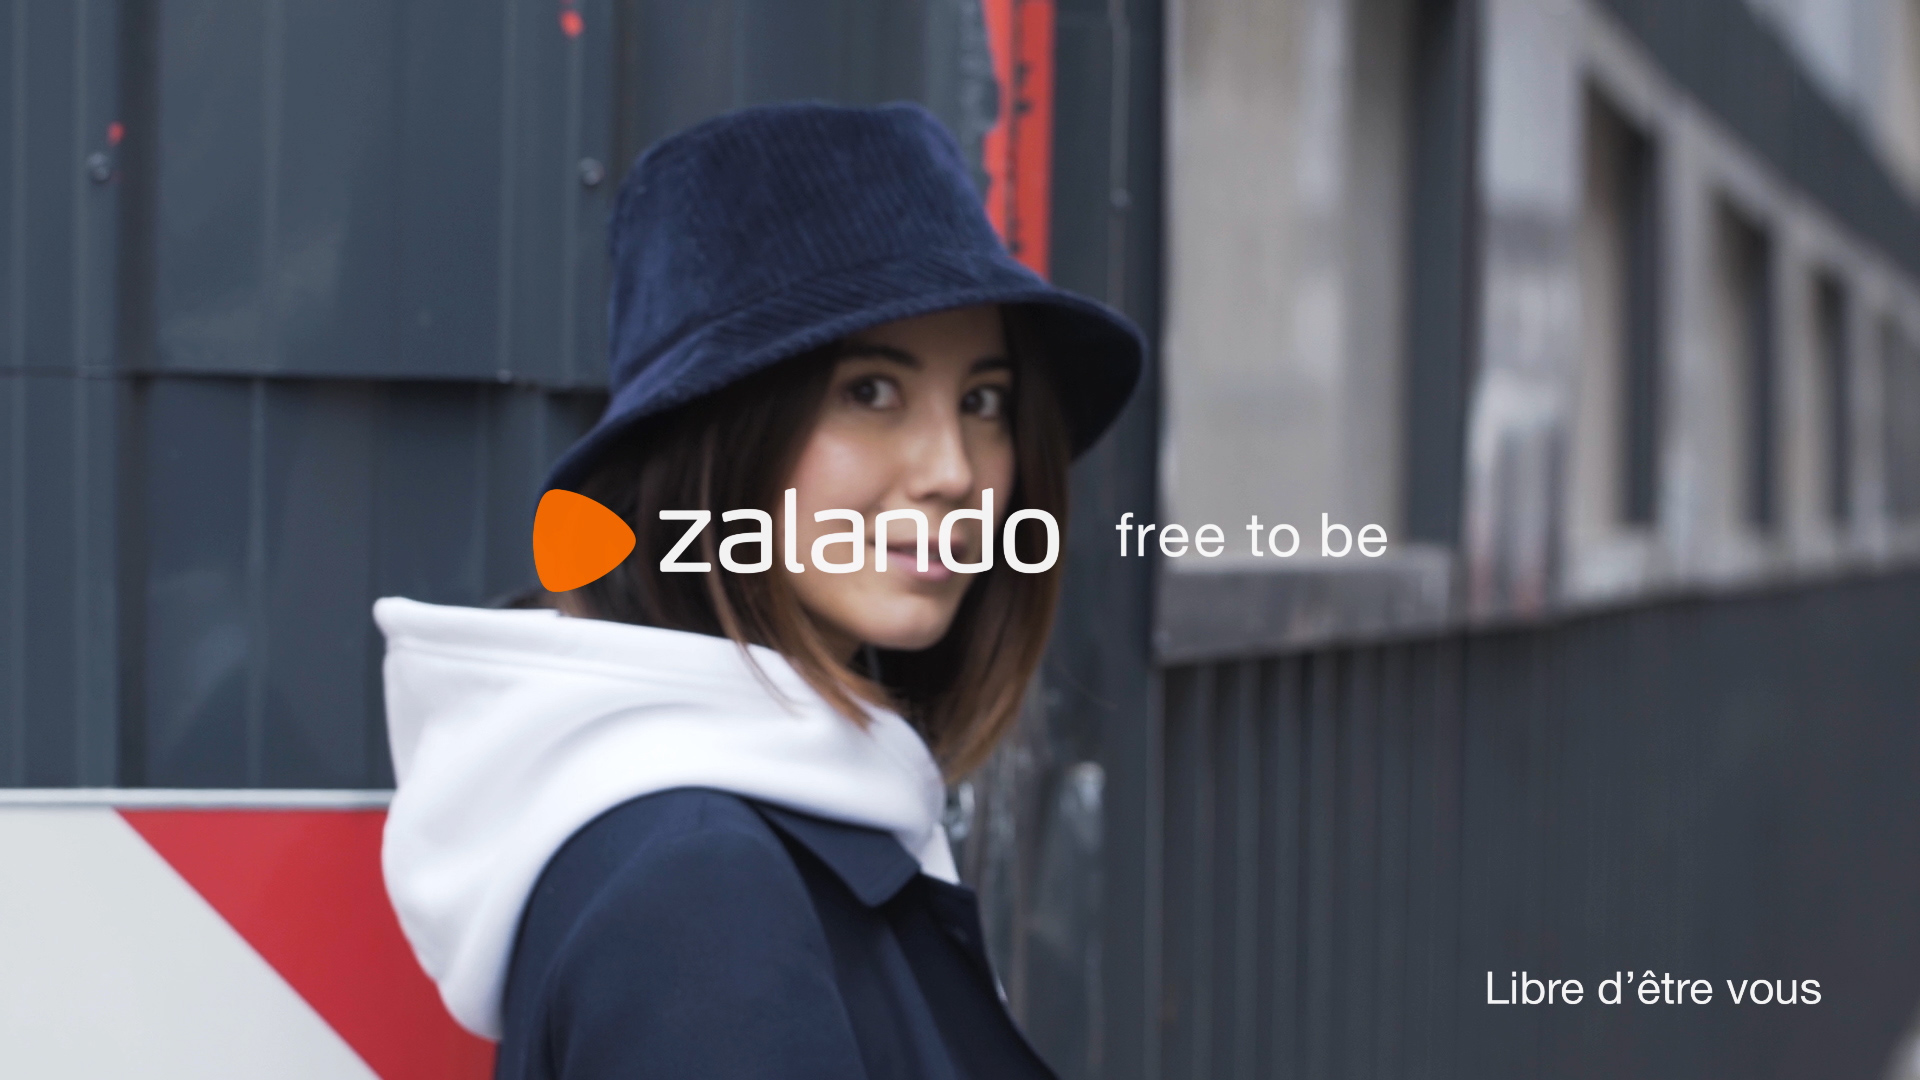 Zalando – Free to be